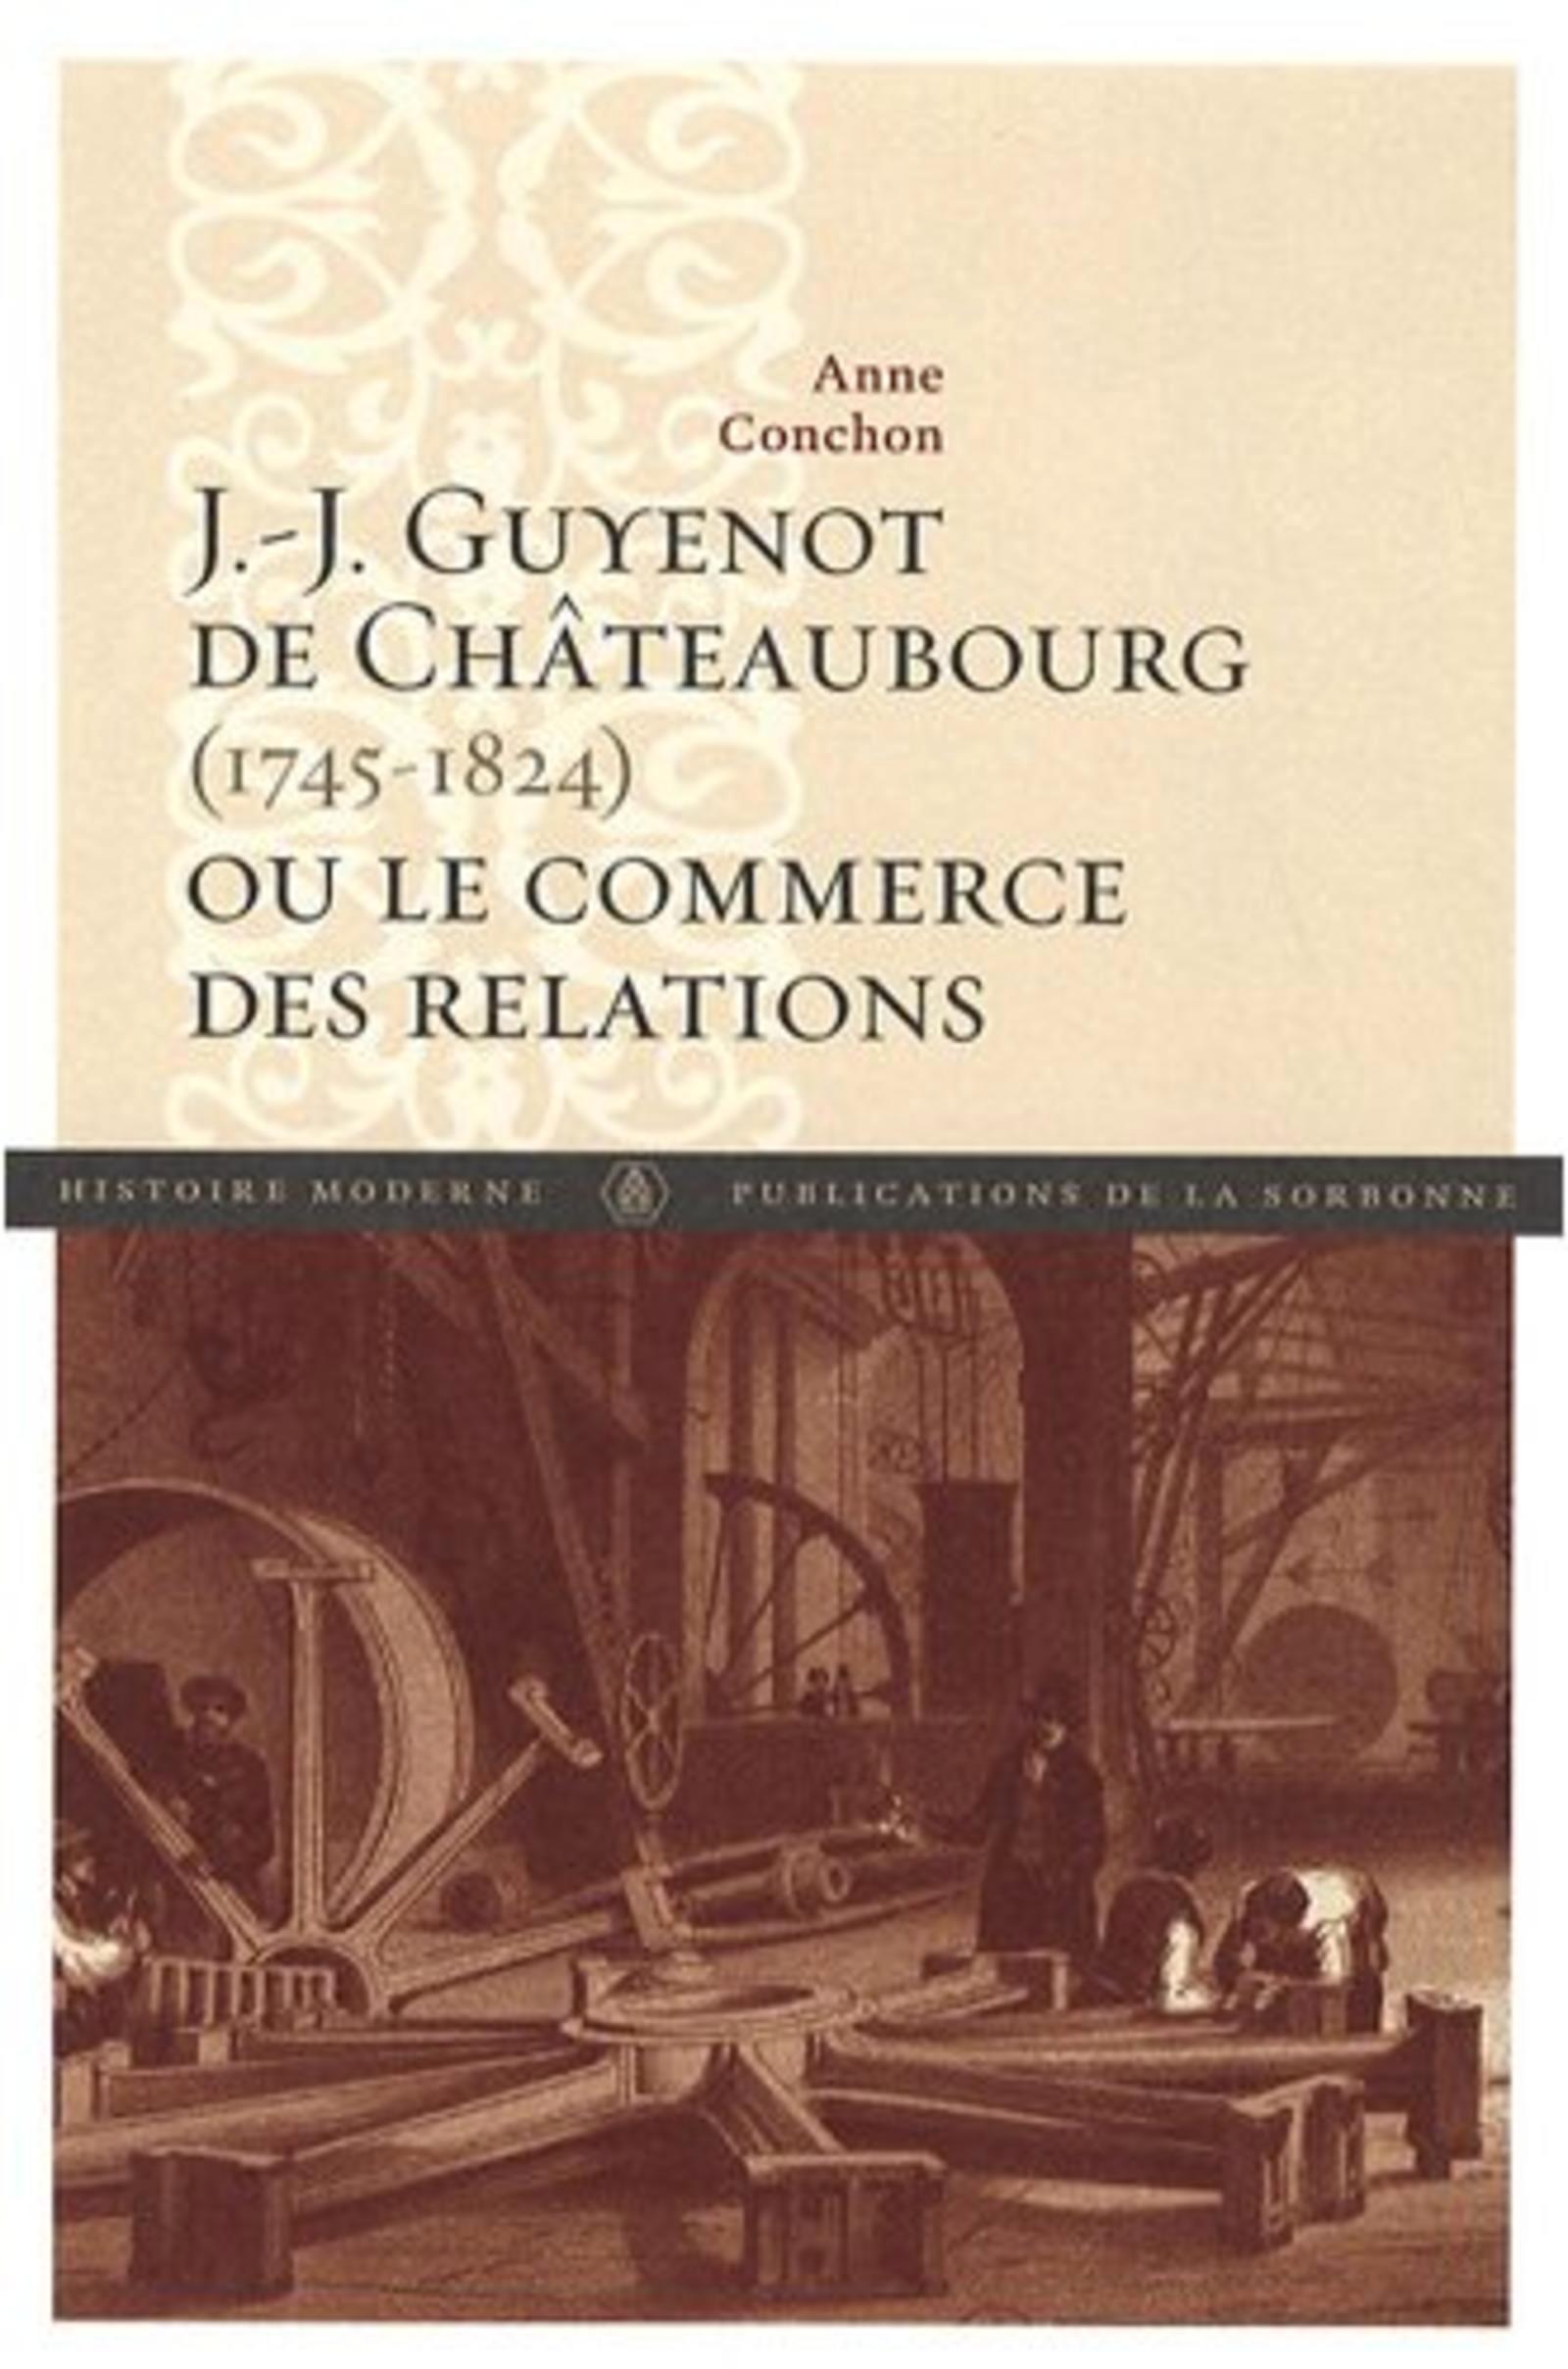 J J GUYENOT DE CHATEAUBOURG 1745 1824 OU LE COMMERCE DES RELATIONS